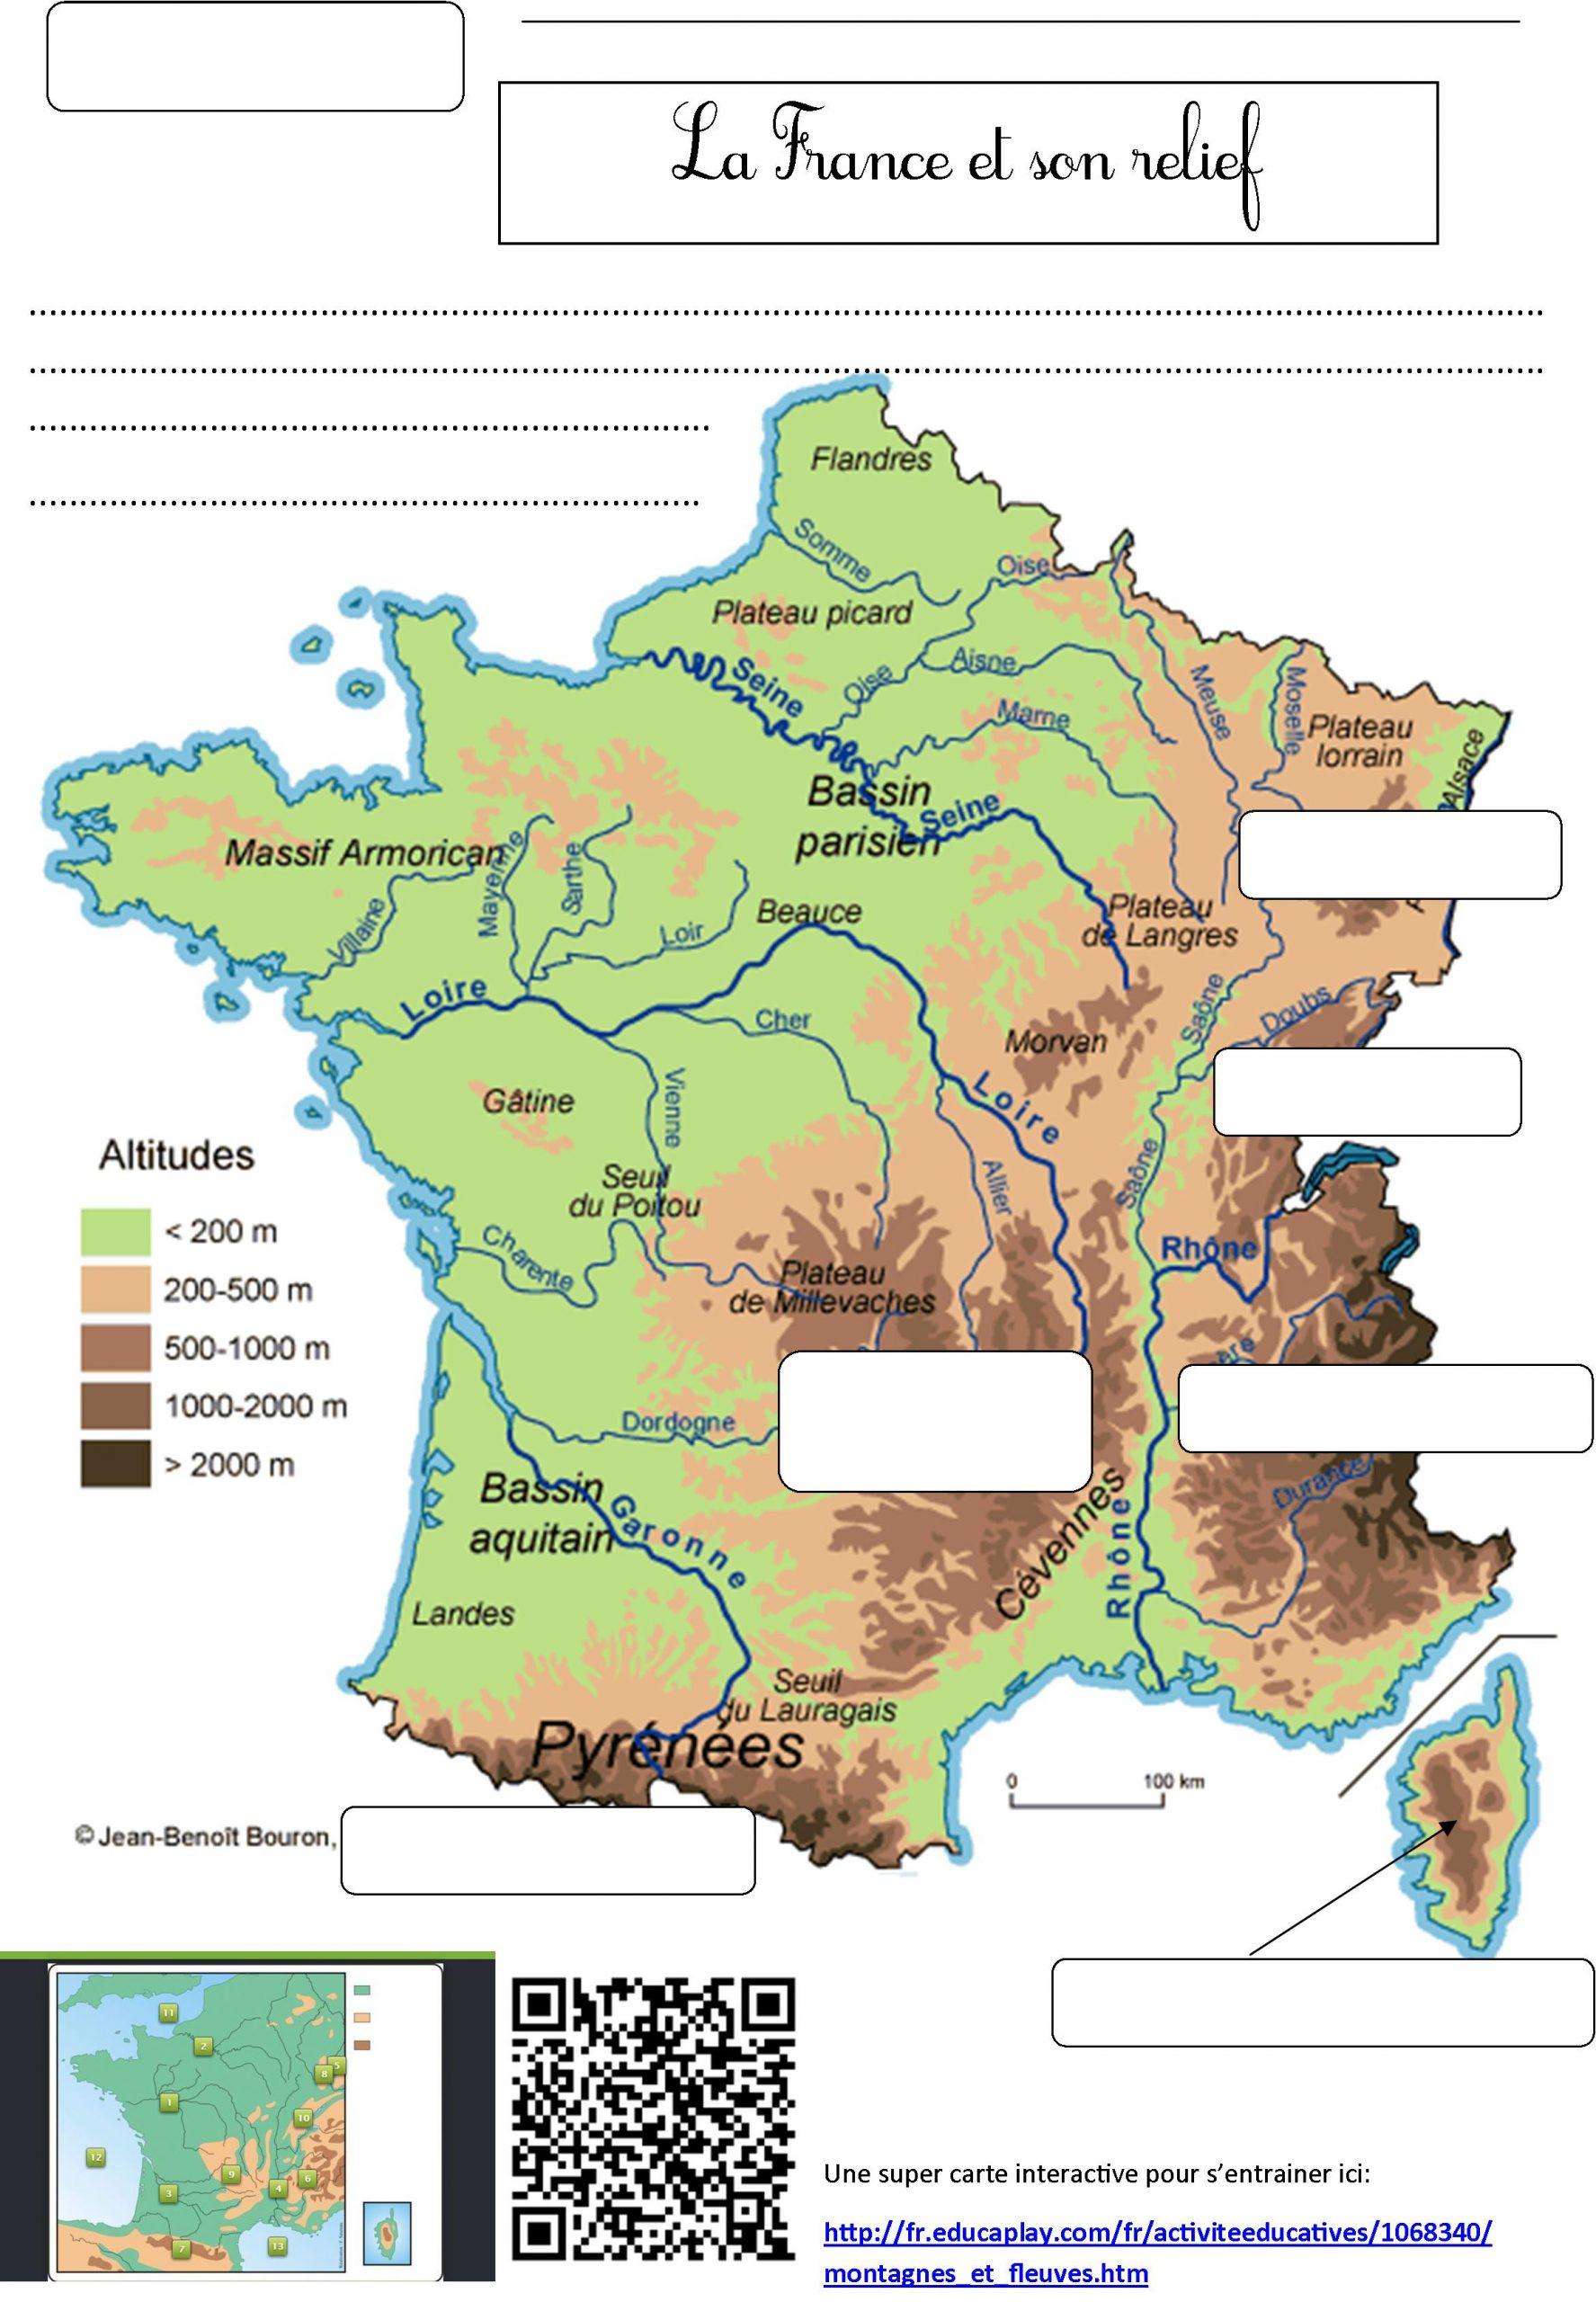 Fleuves De France | Le Blog De Monsieur Mathieu dedans Carte Fleuve France